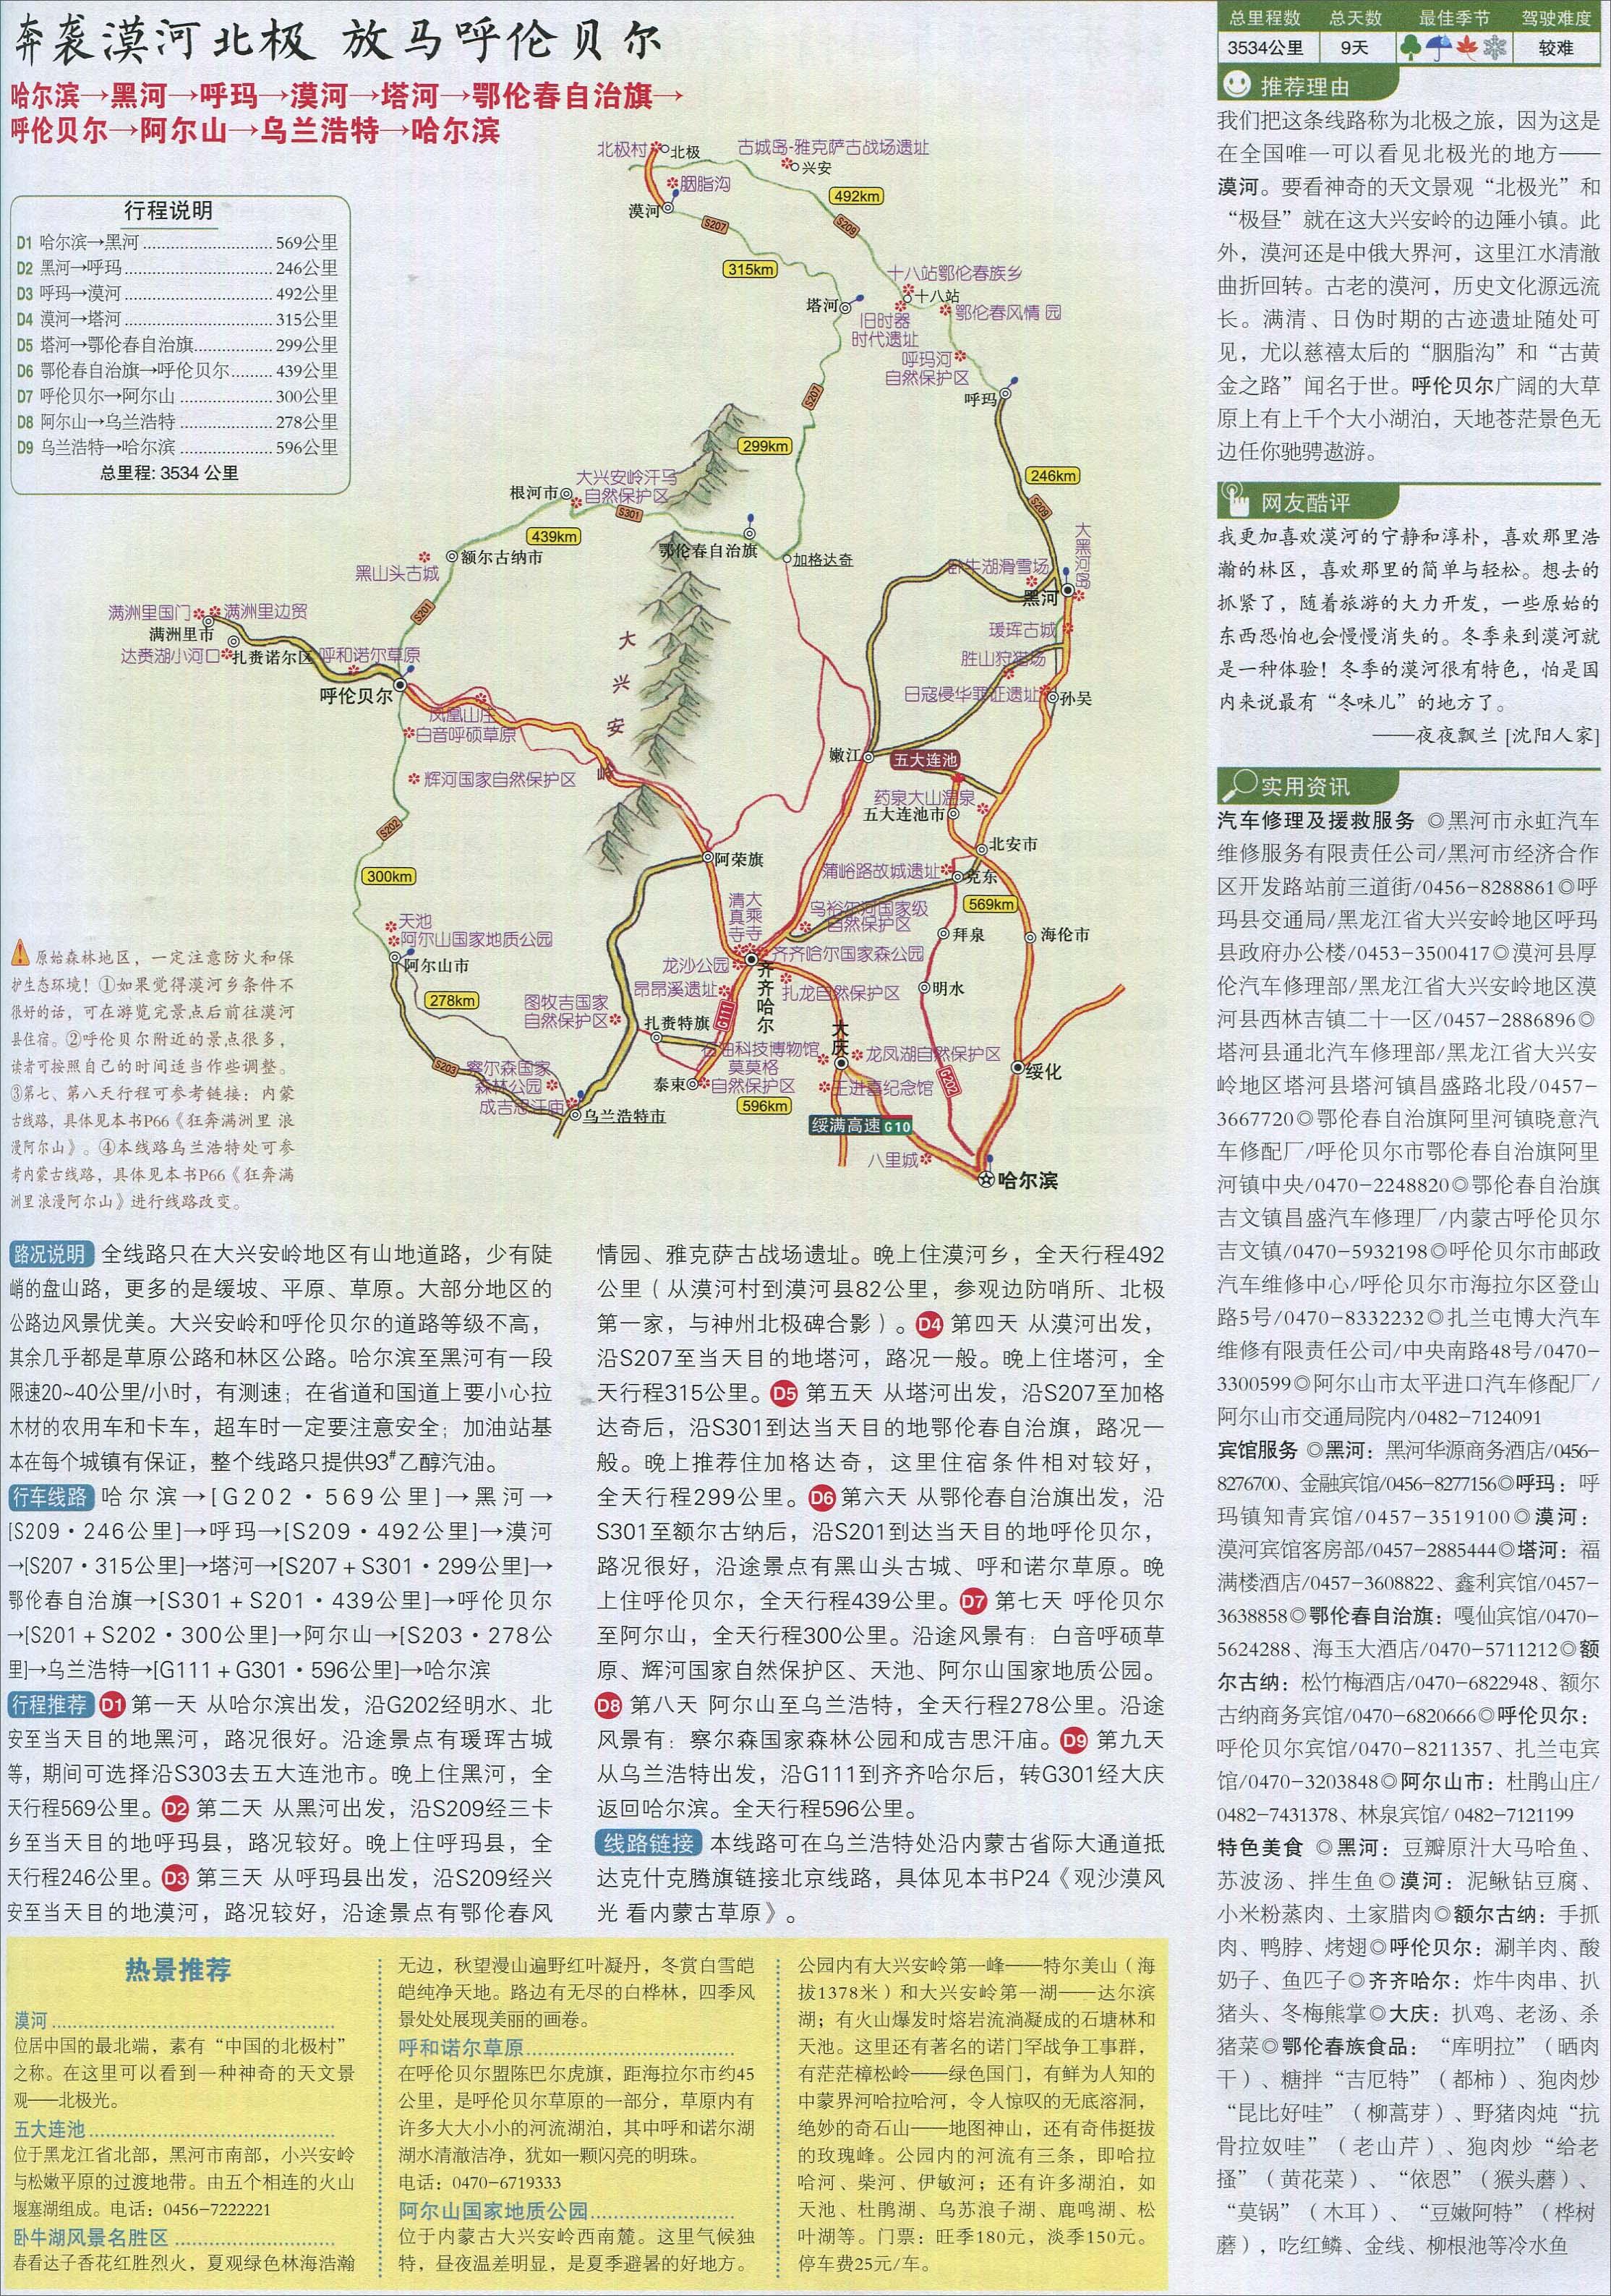 上海西藏自驾游_哈尔滨至呼伦贝尔自驾游路线图_黑龙江旅游地图库_地图窝